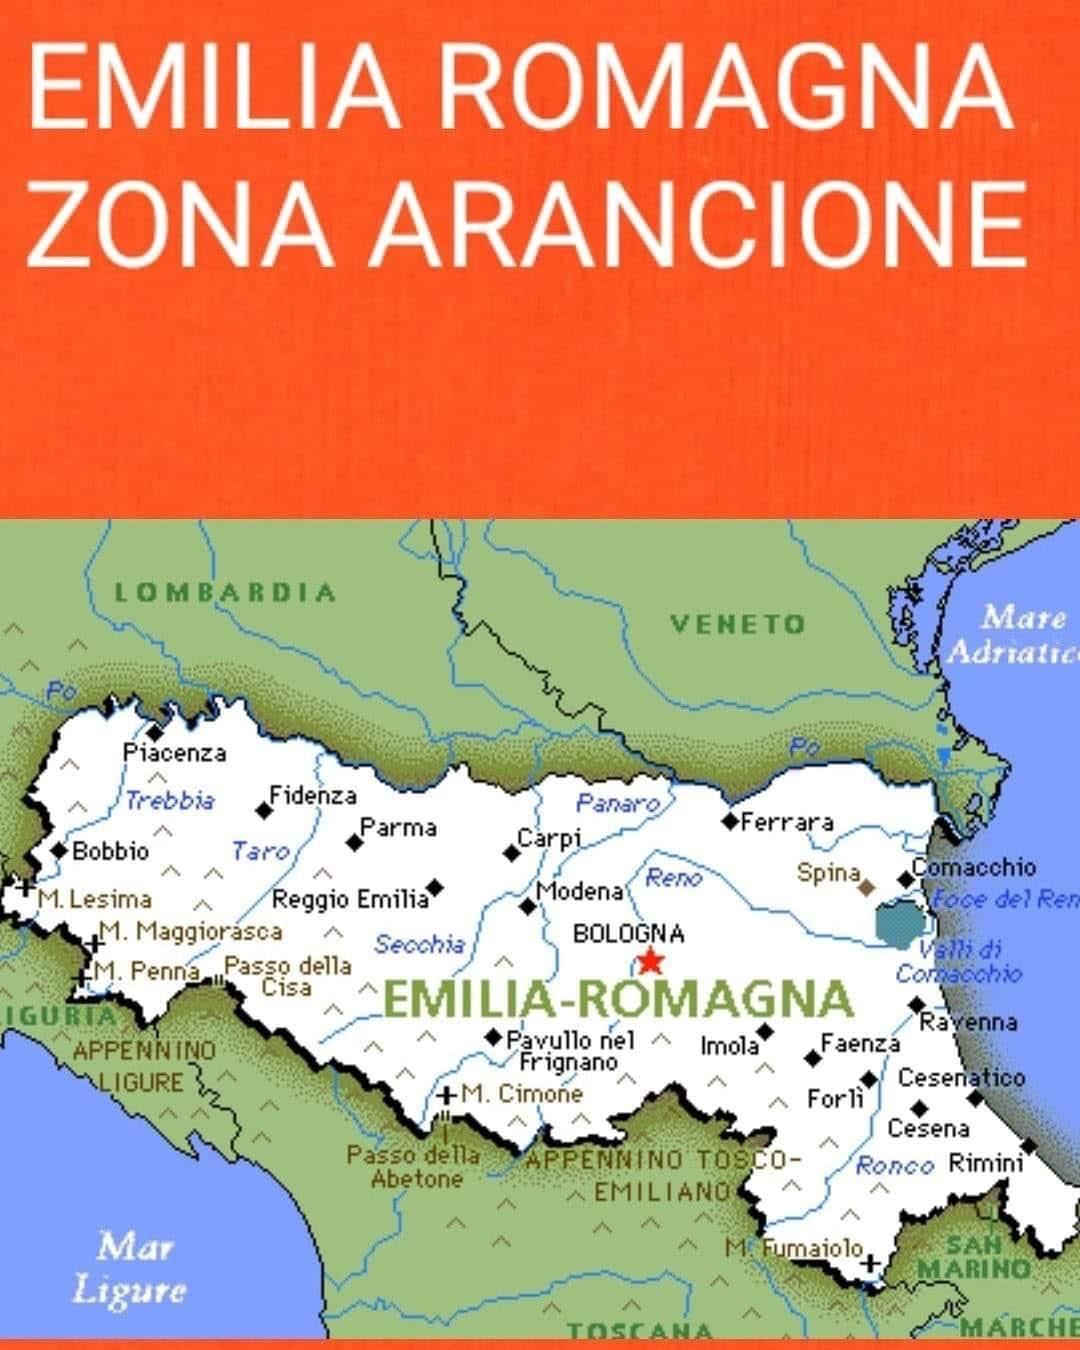 Cartina Emilia Romagna E Lombardia.Emilia Romagna Zona Arancione Comune Di Ozzano Dell Emilia